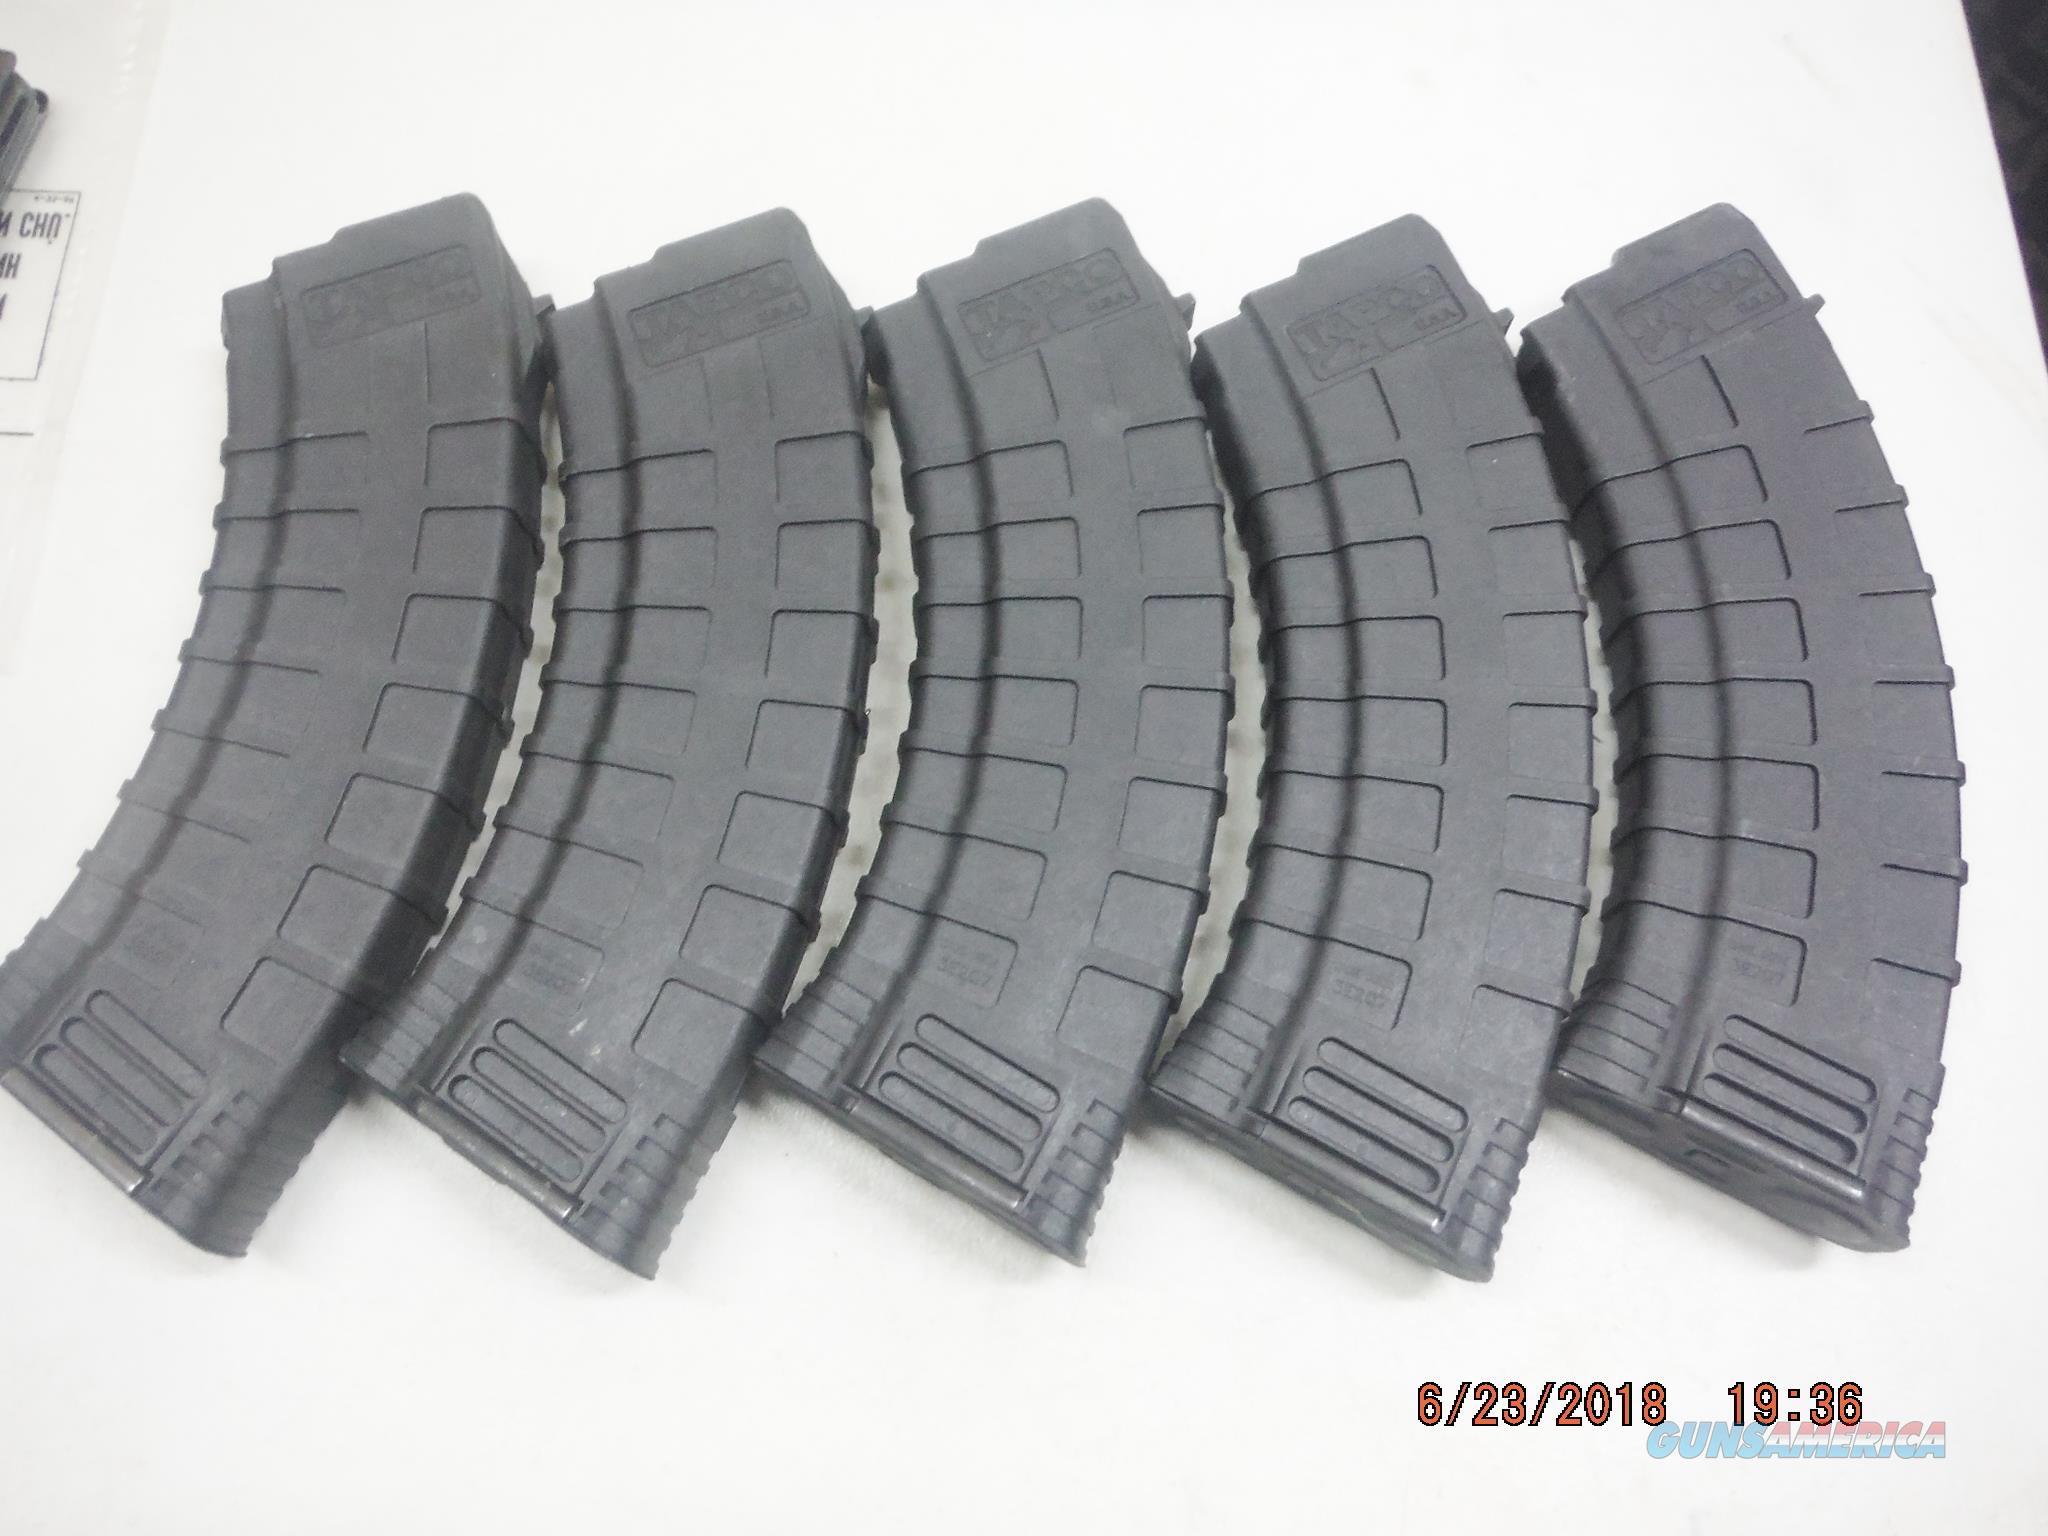 5 Tapco AK-47 / AK47 Magazine 7.62X39 30rd poly Mags AK47 New  Non-Guns > Magazines & Clips > Rifle Magazines > AK Family